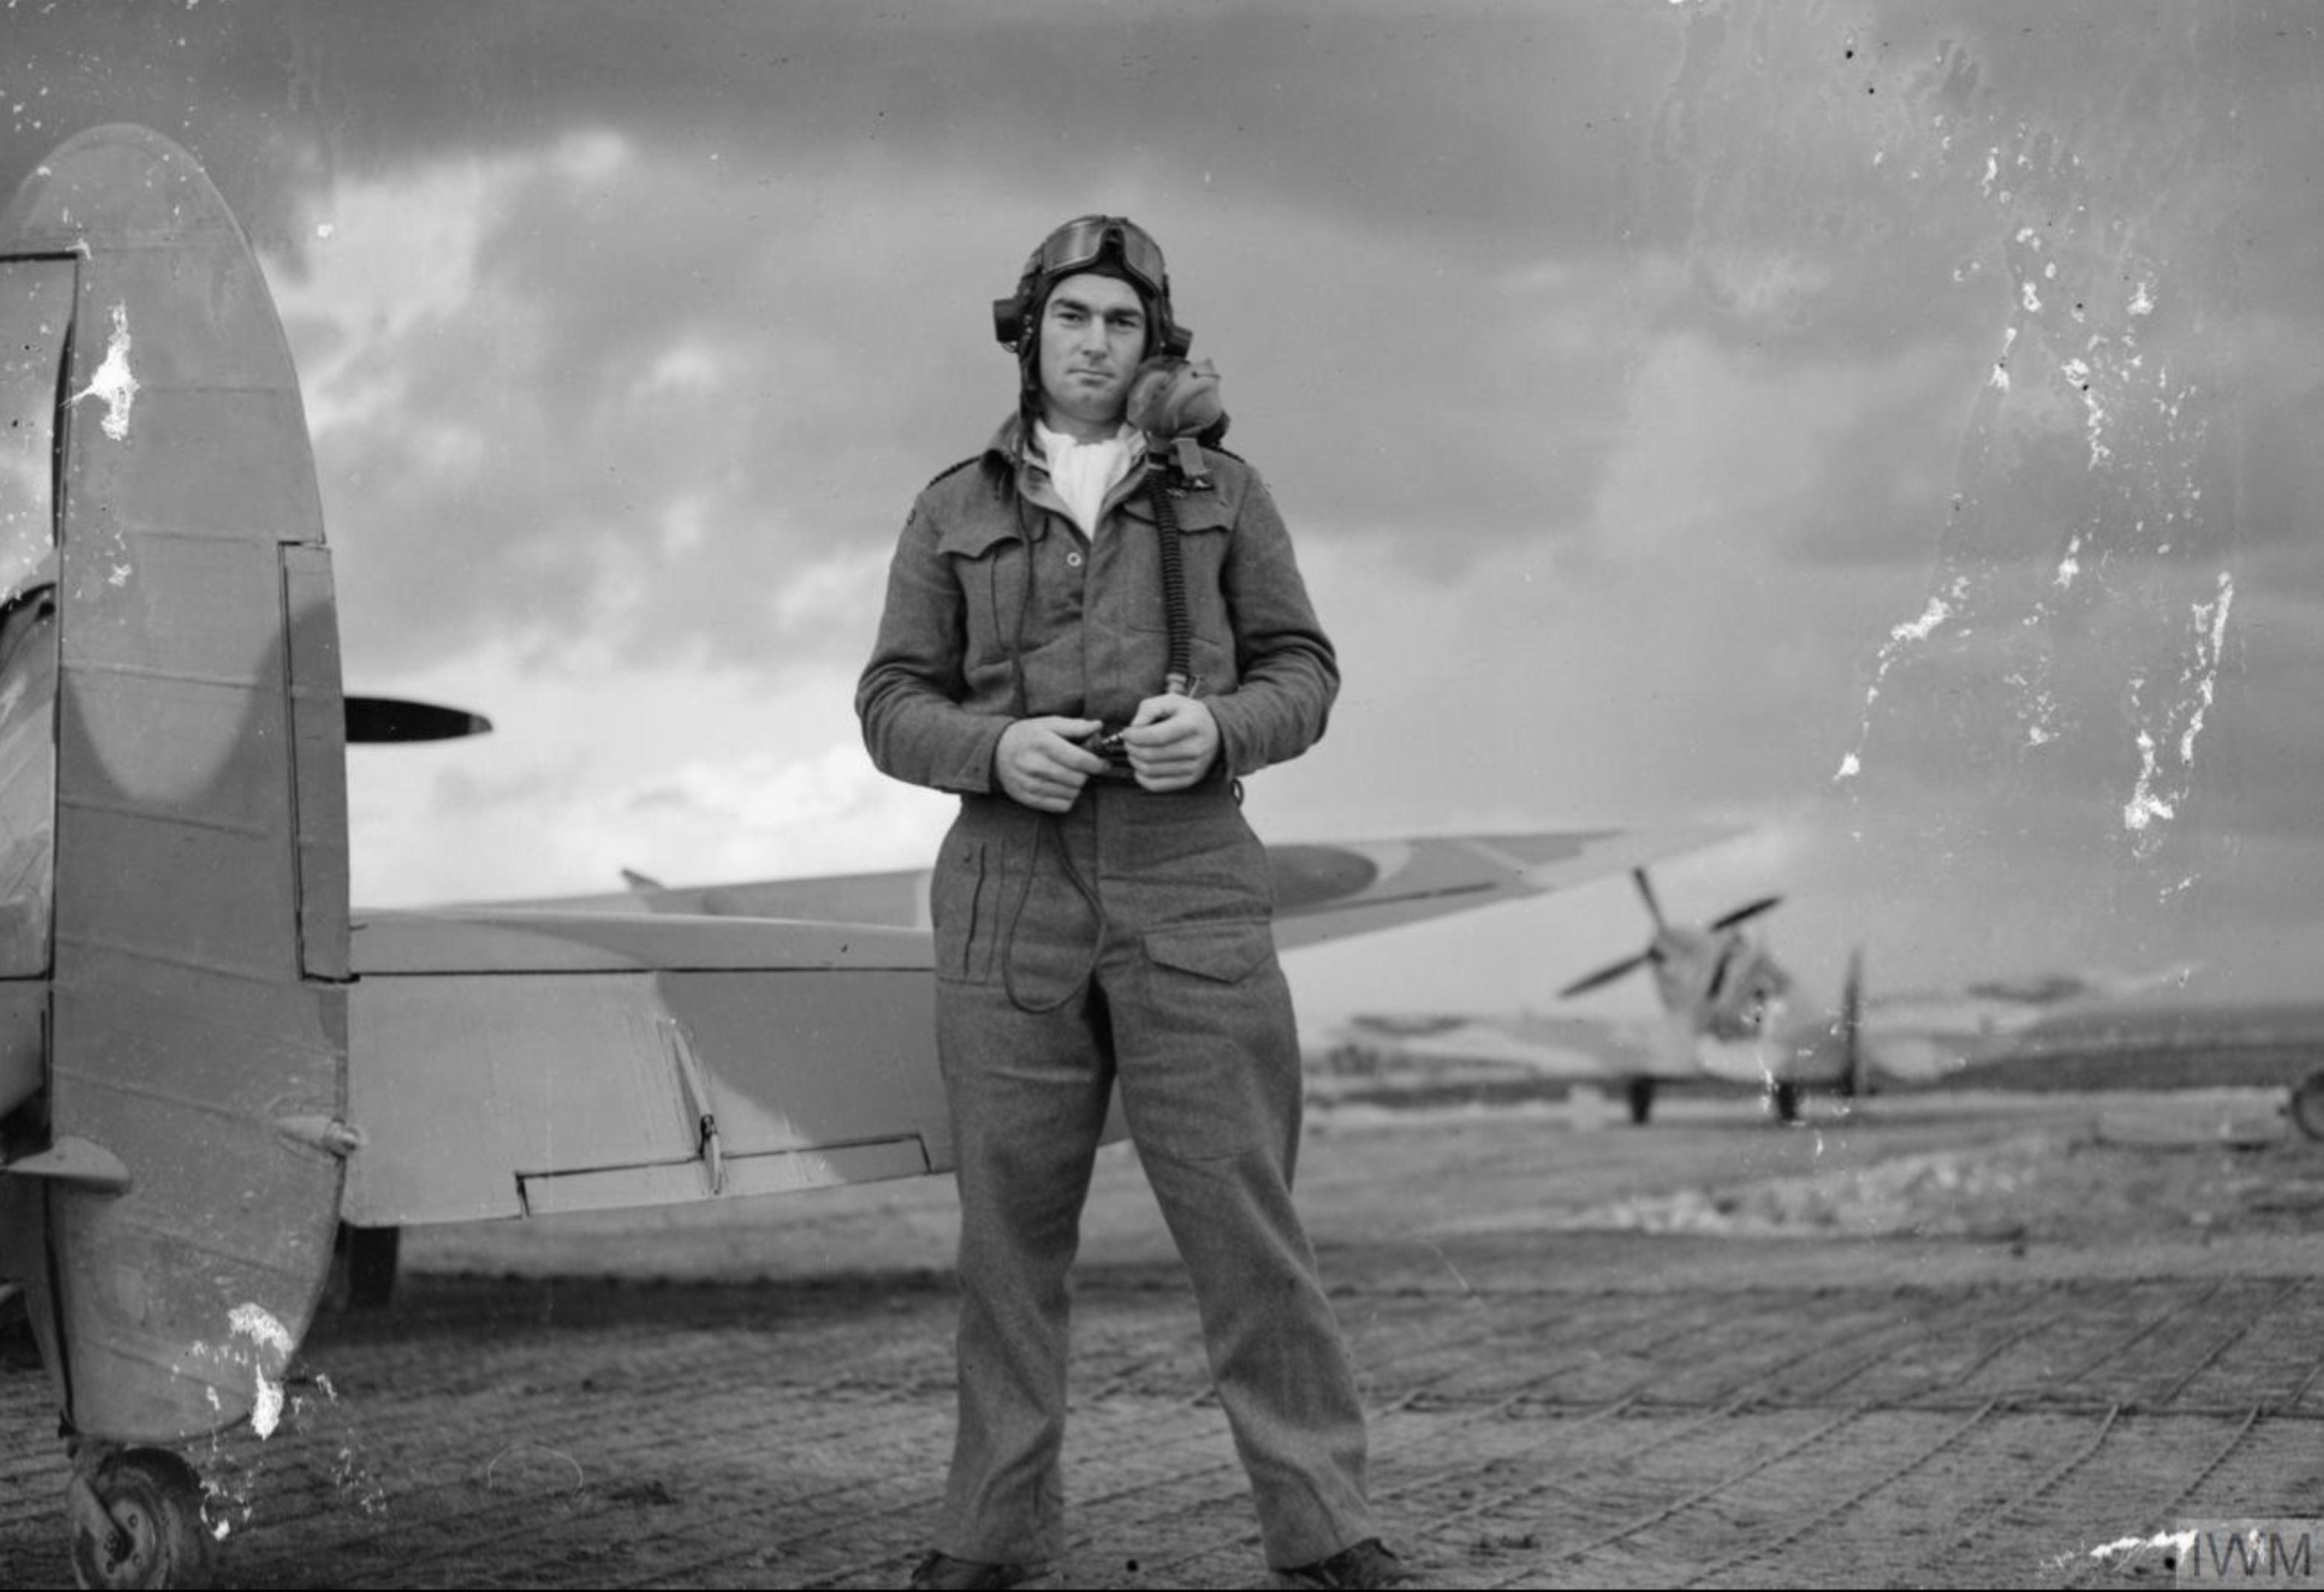 Aircrew RAF 92Sqn RNZAF Sqn Ldr ED Rosie Mackie dispersal area at Canne Italy 1943 IWM CNA2314